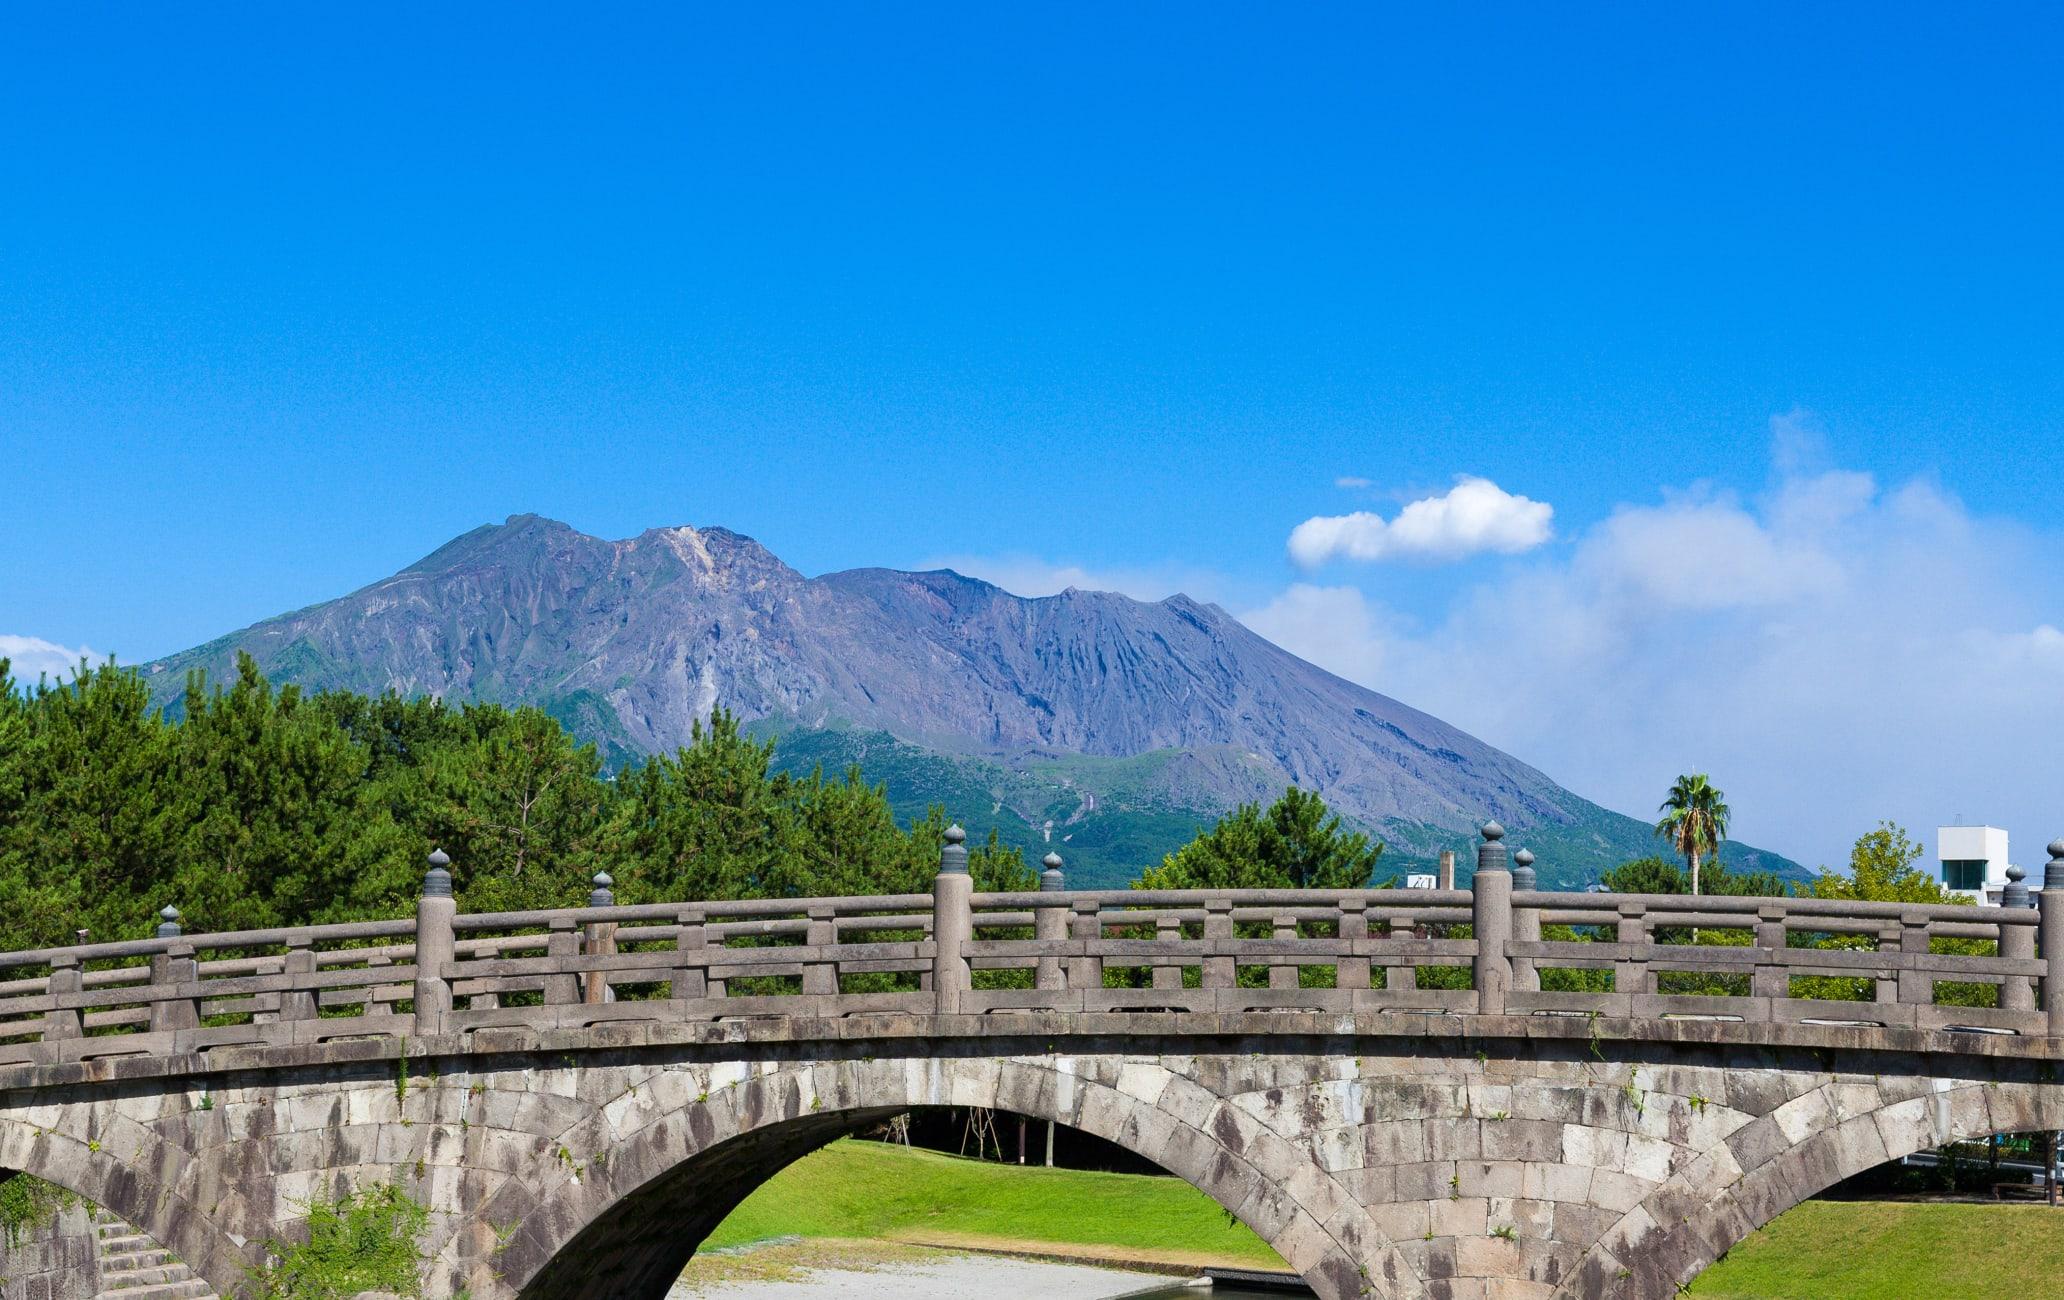 Ishibashi Park